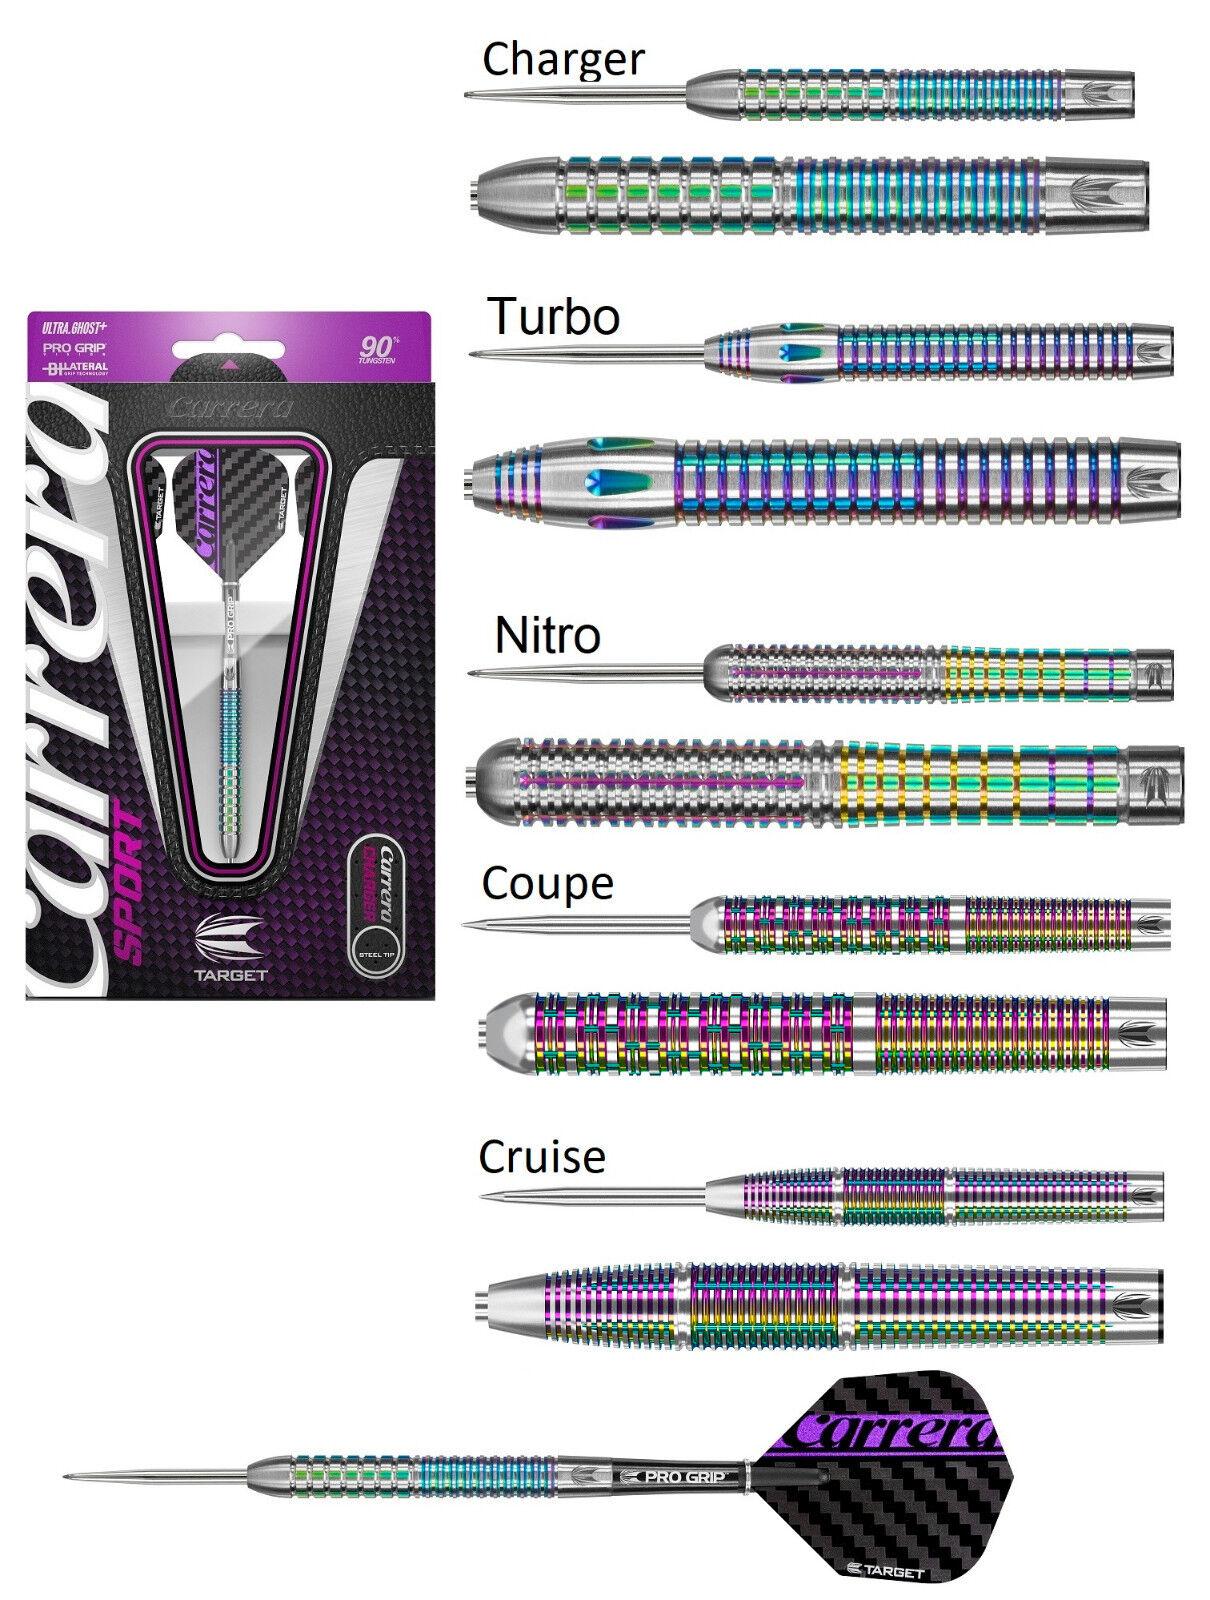 Carrera Sport 90% Tungsten Steel Tip Darts by Target Darts - Amazing New Designs